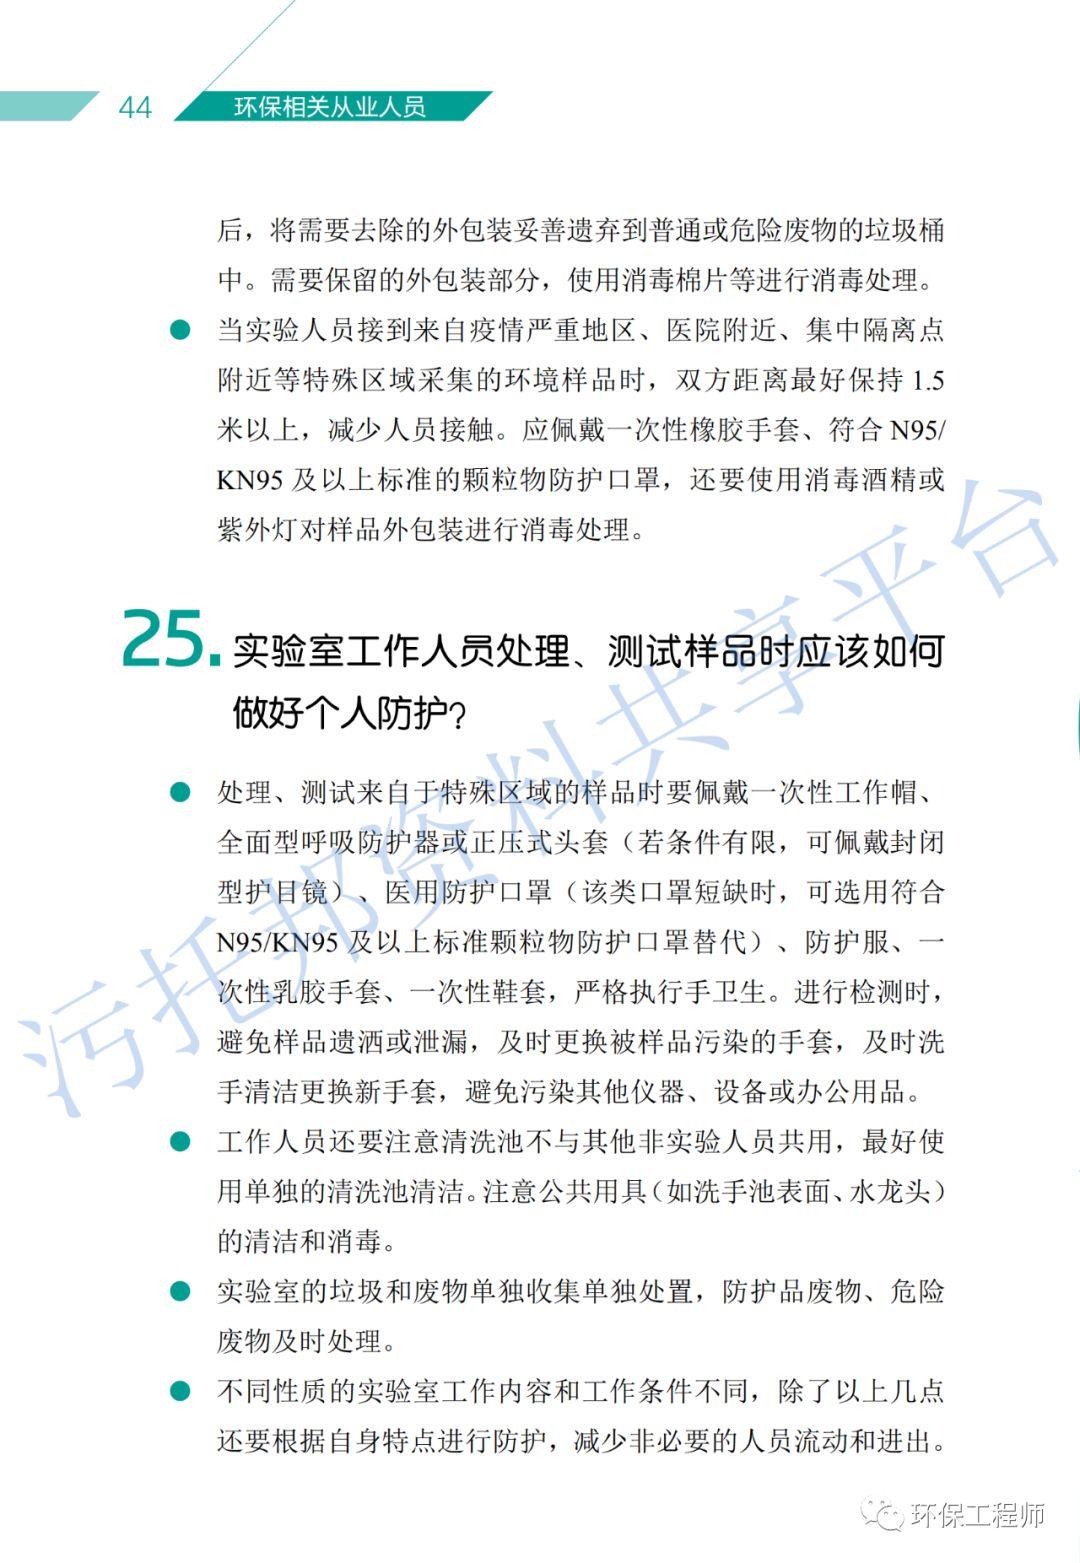 《环保从业人员新型冠状病毒疫情防护手册》_27